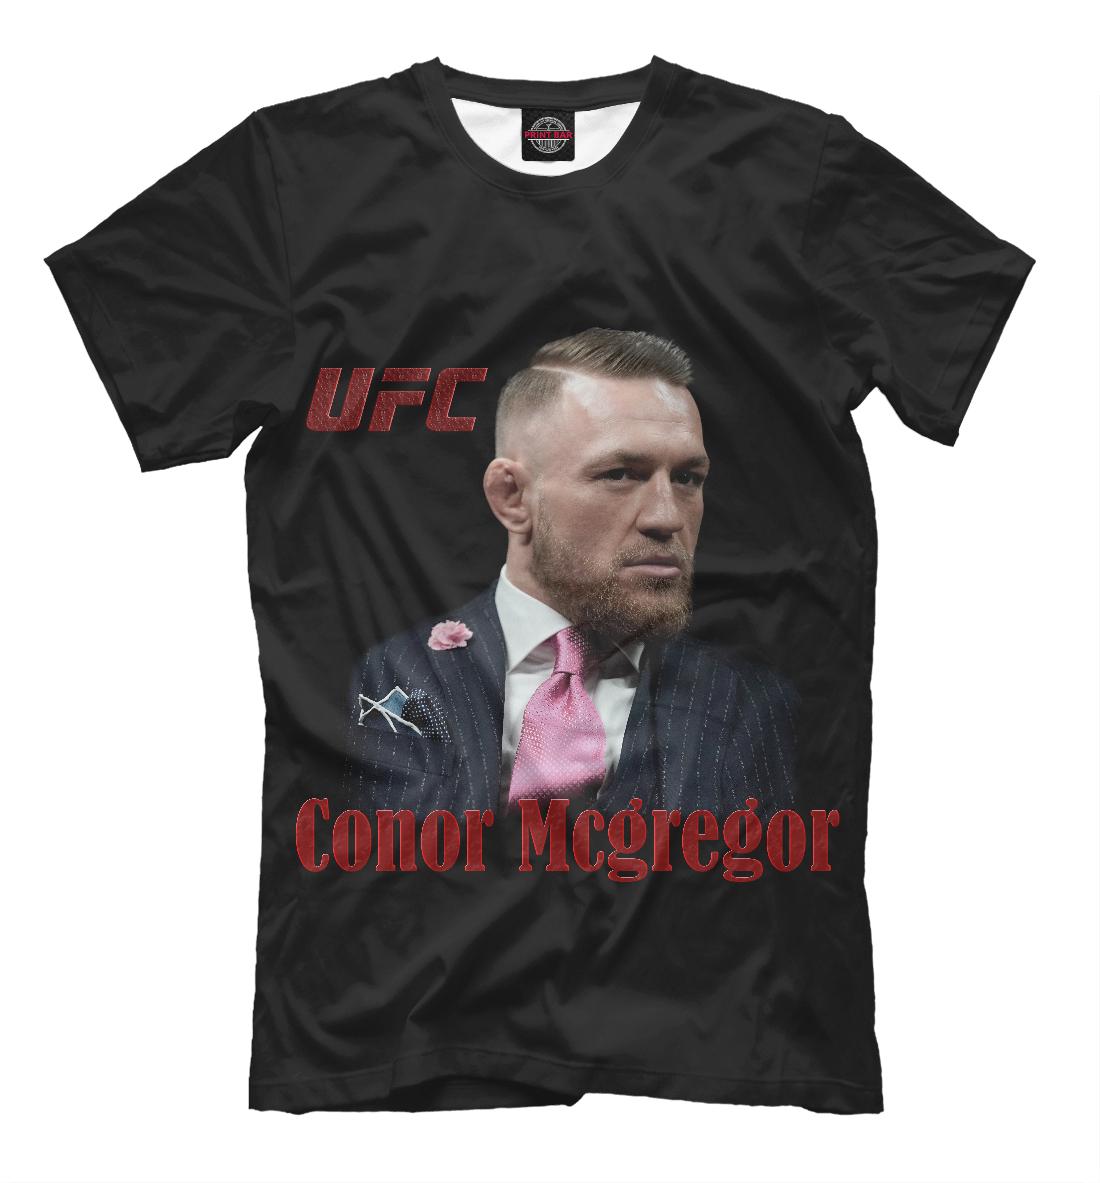 Купить Конор МакГрегор - UFC Fight Club, Printbar, Футболки, MCG-134612-fut-2